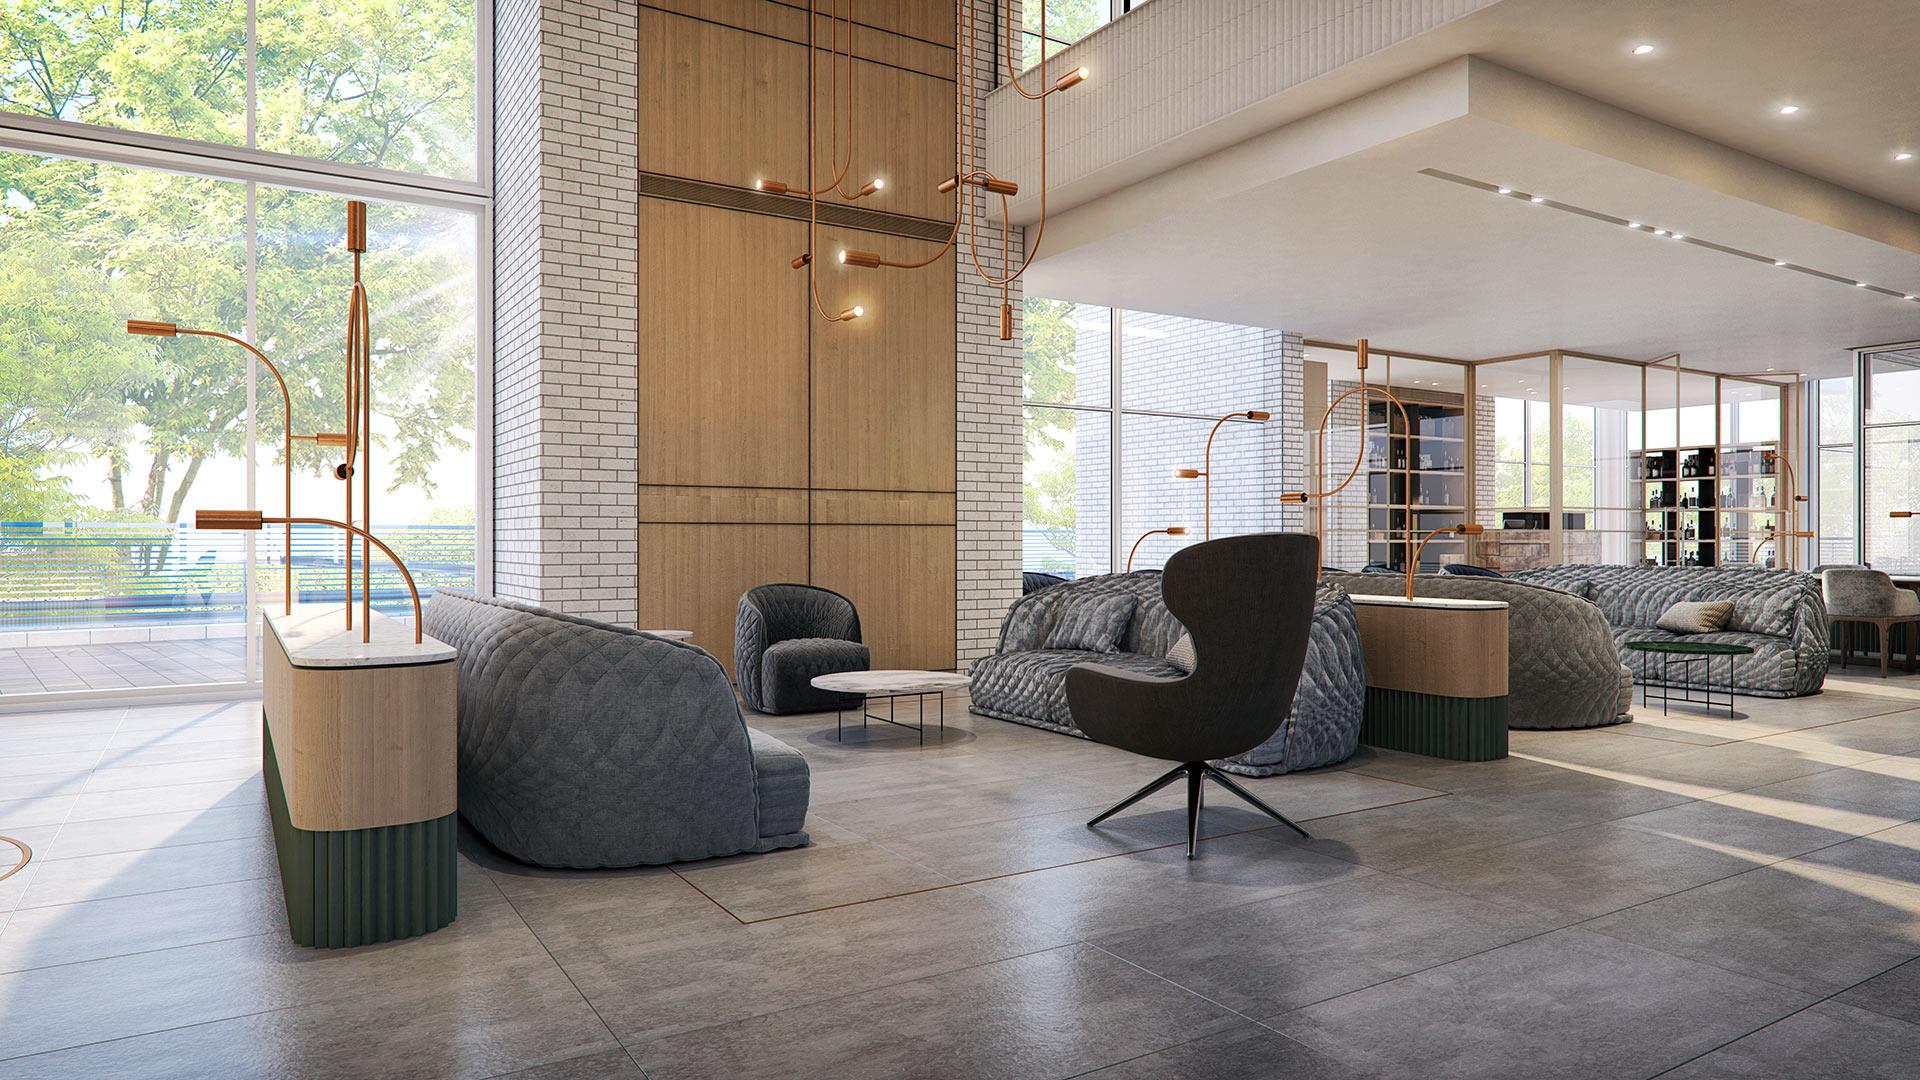 הדמיה אדריכלית של דיור מוגן